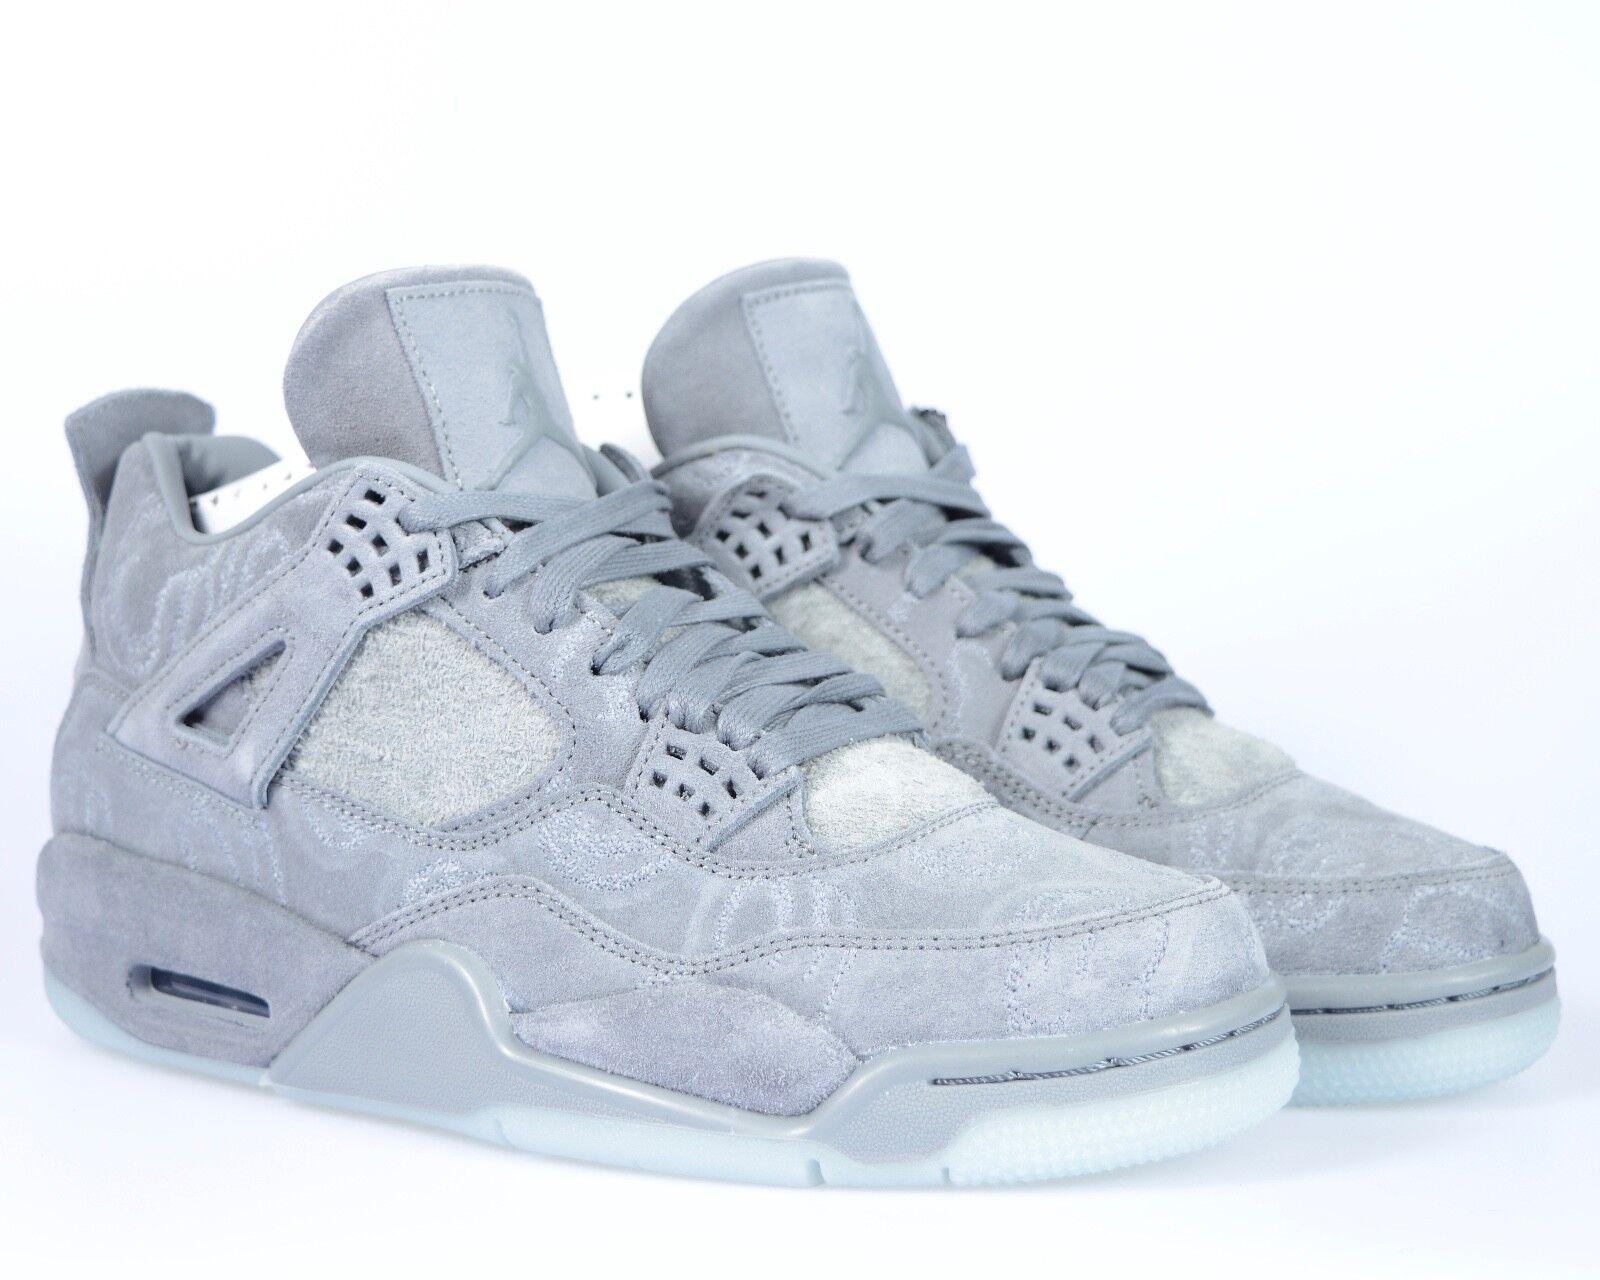 Nike air jordan 4 iv x kaws confezioni noi & 10